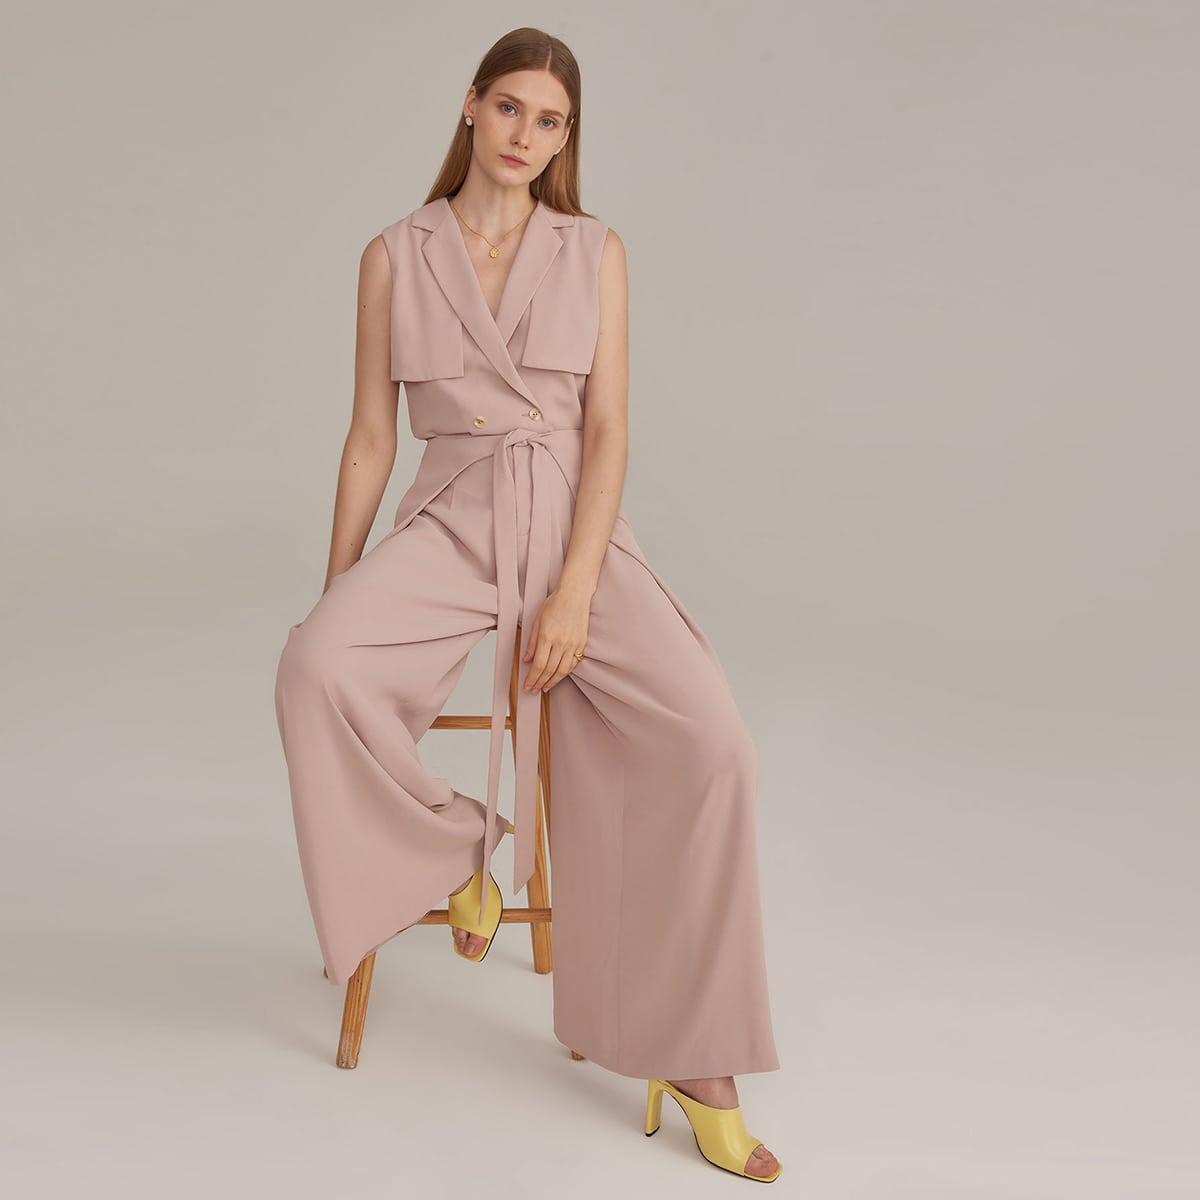 Mantel mit eingekerbtem Kragen & Hose mit Wickel Design, Band vorn und breitem Beinschnitt